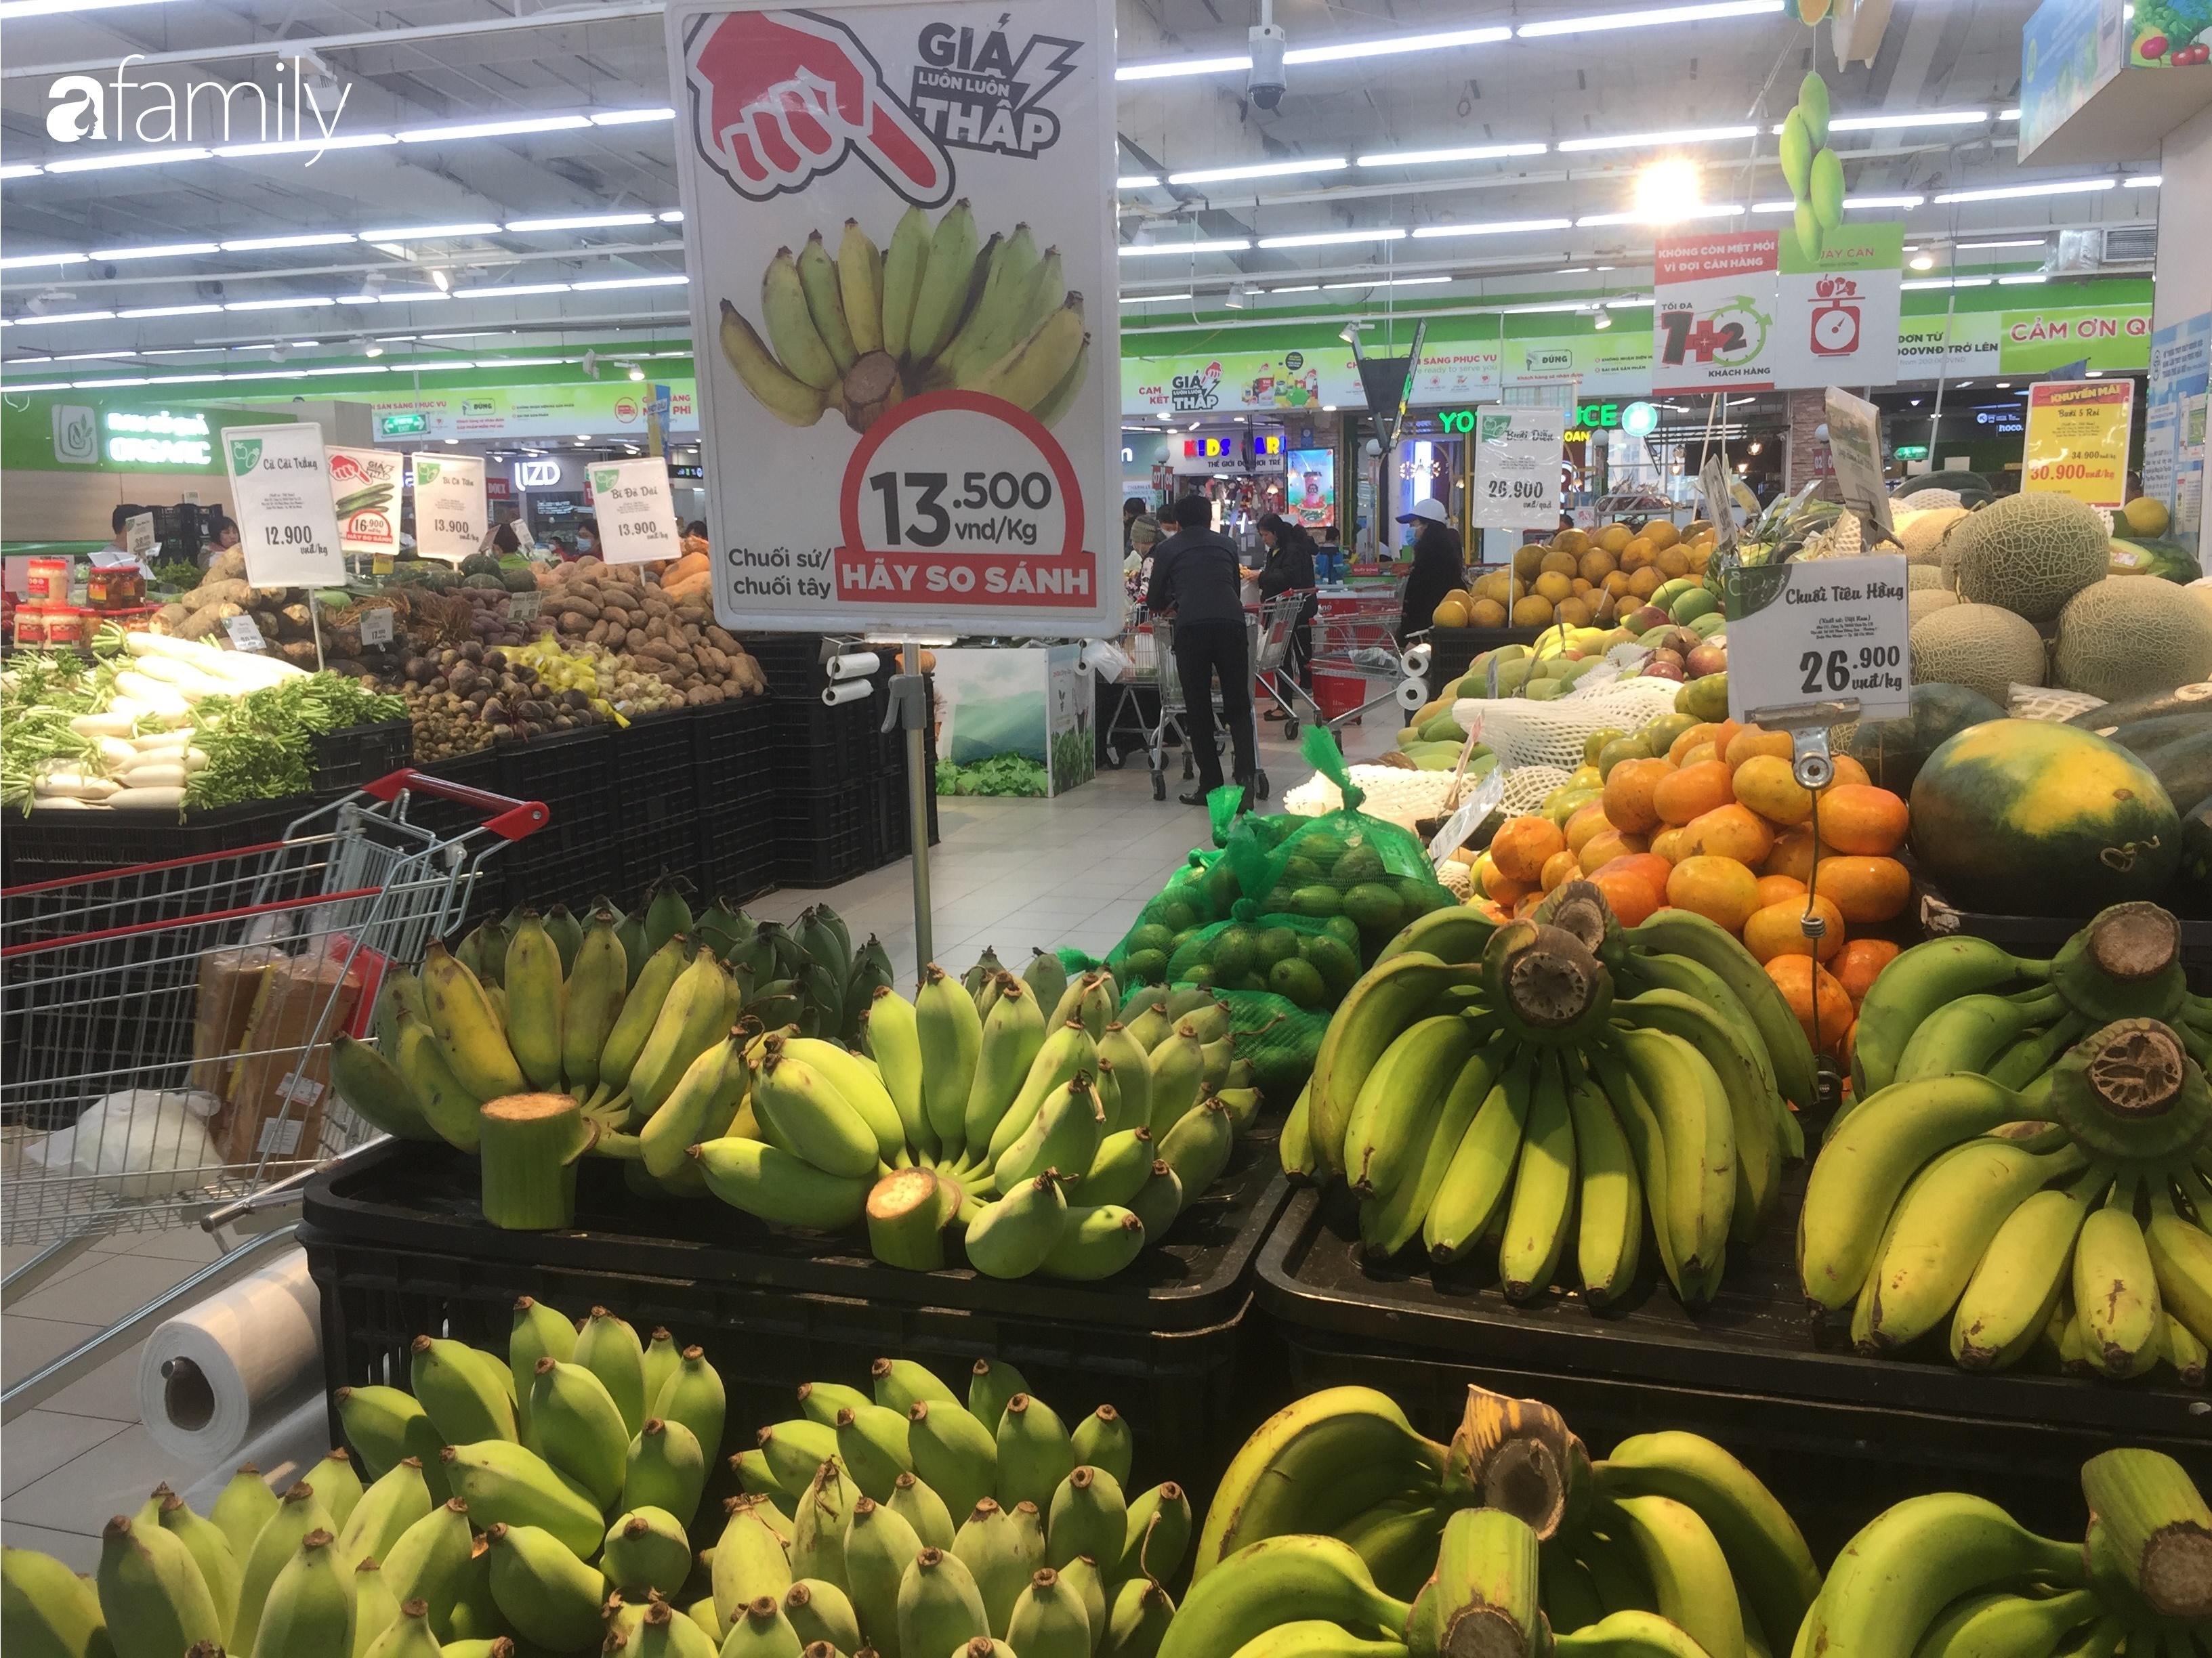 Giá ho quả trong siêu thị rẻ gấp 3 lần so với thời điểm trước Tết, dư hấu còn 6.700 đồng/kg - Ảnh 8.